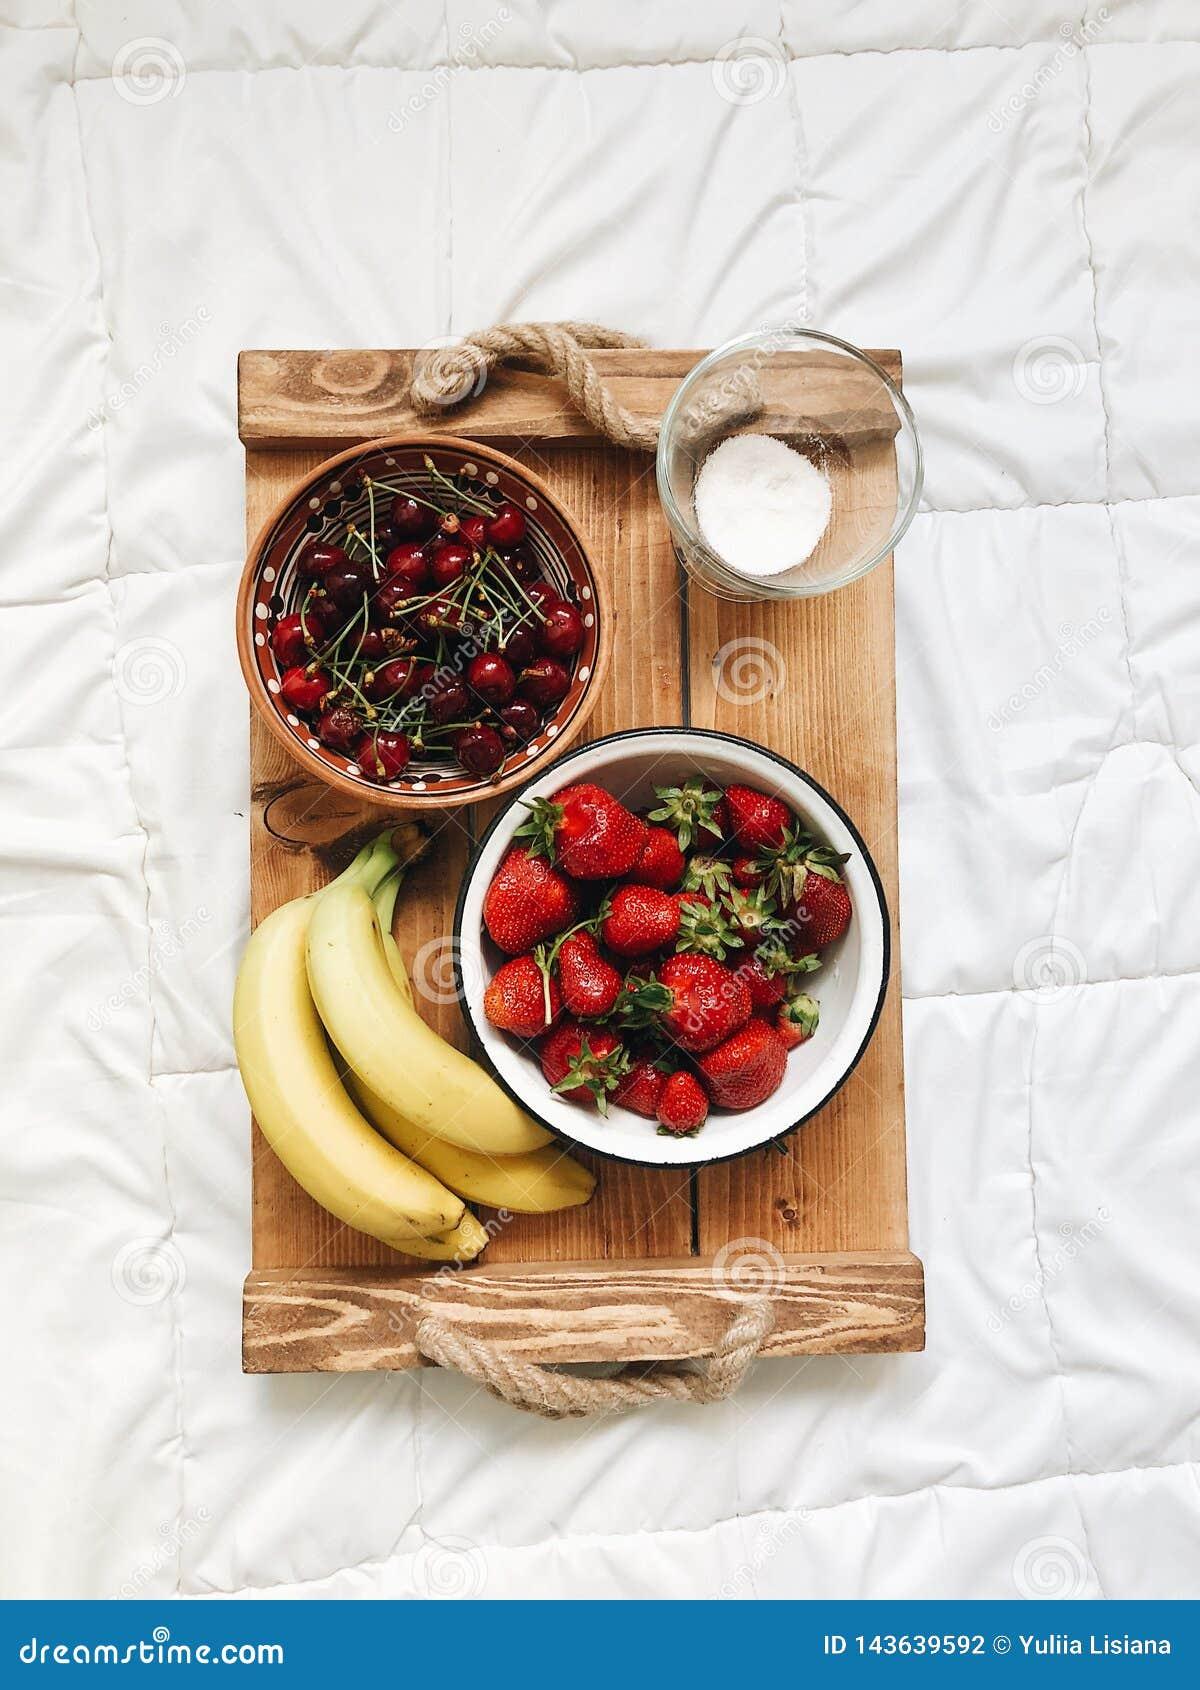 Composição de vários frutos exóticos no fundo branco